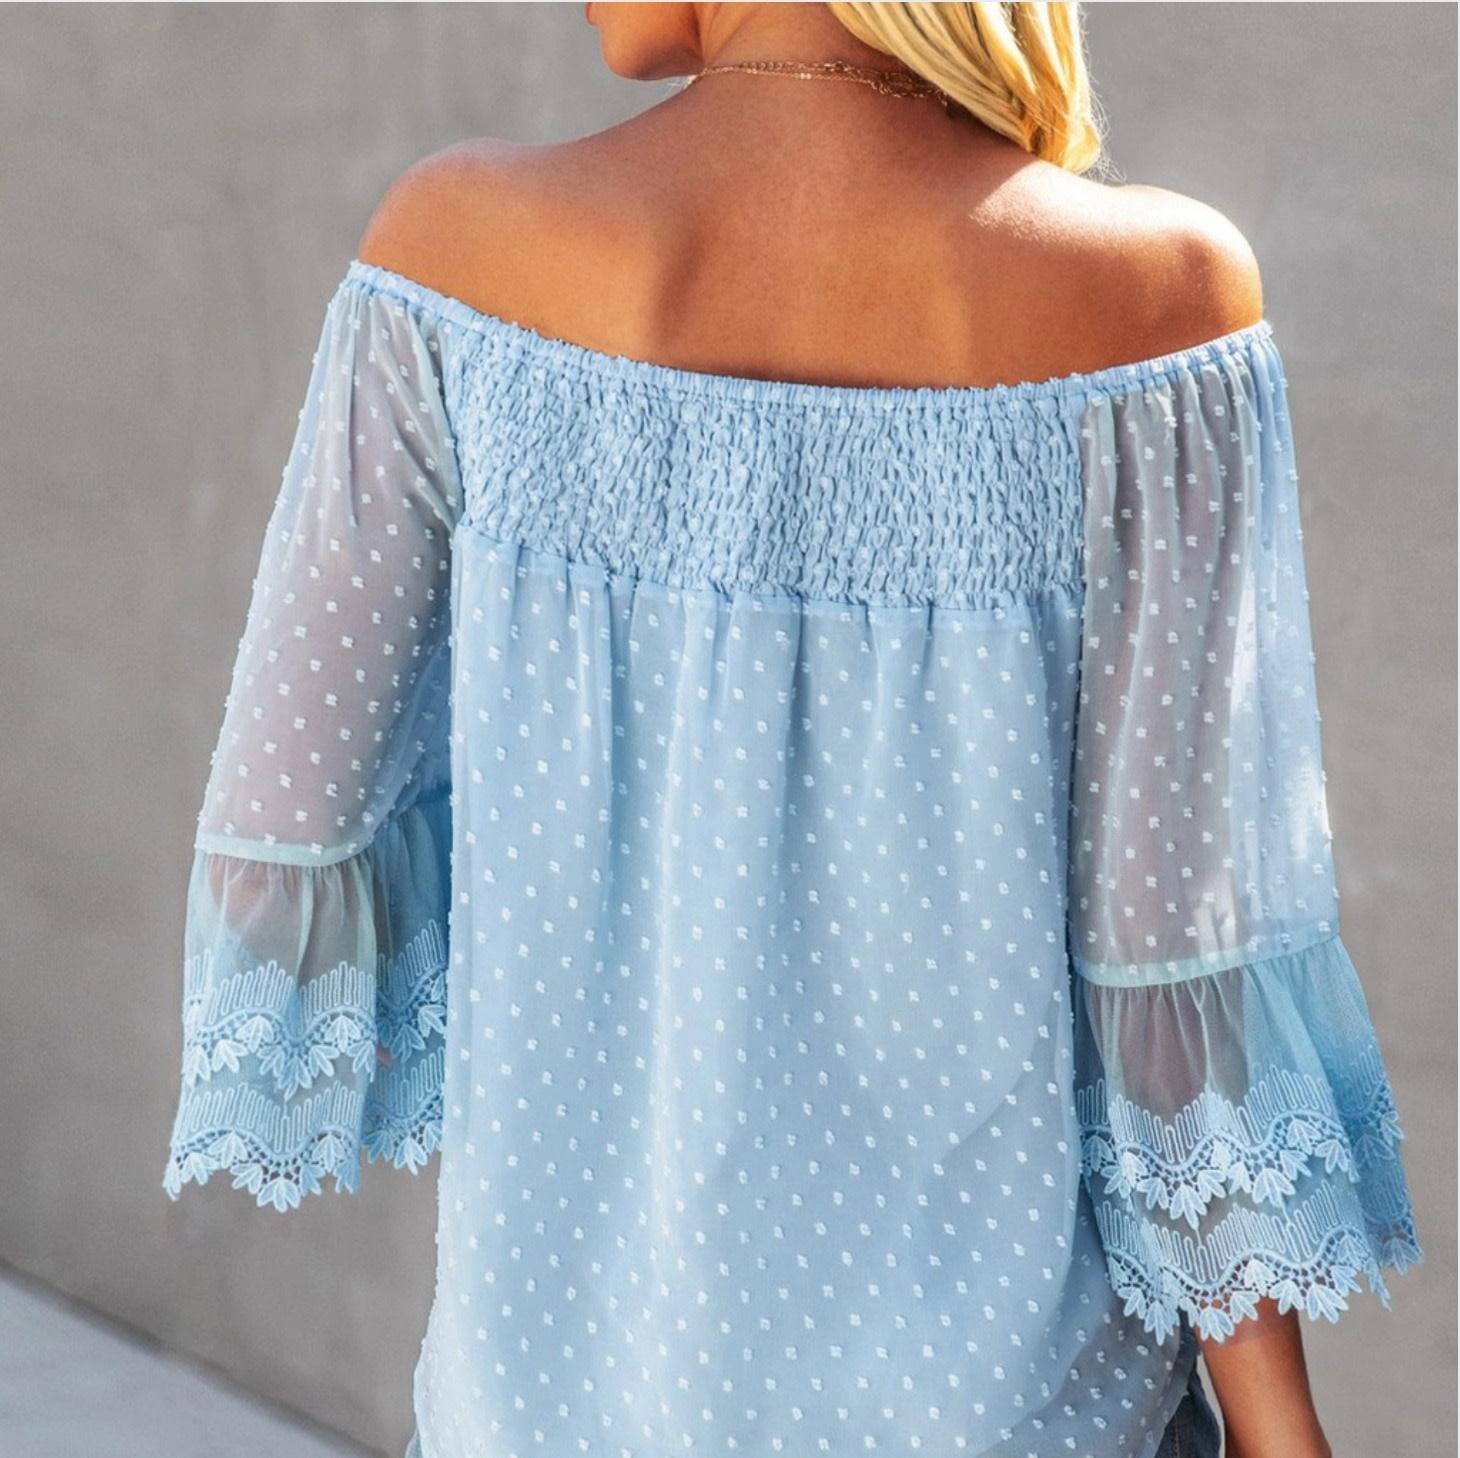 Lace off shoulder top